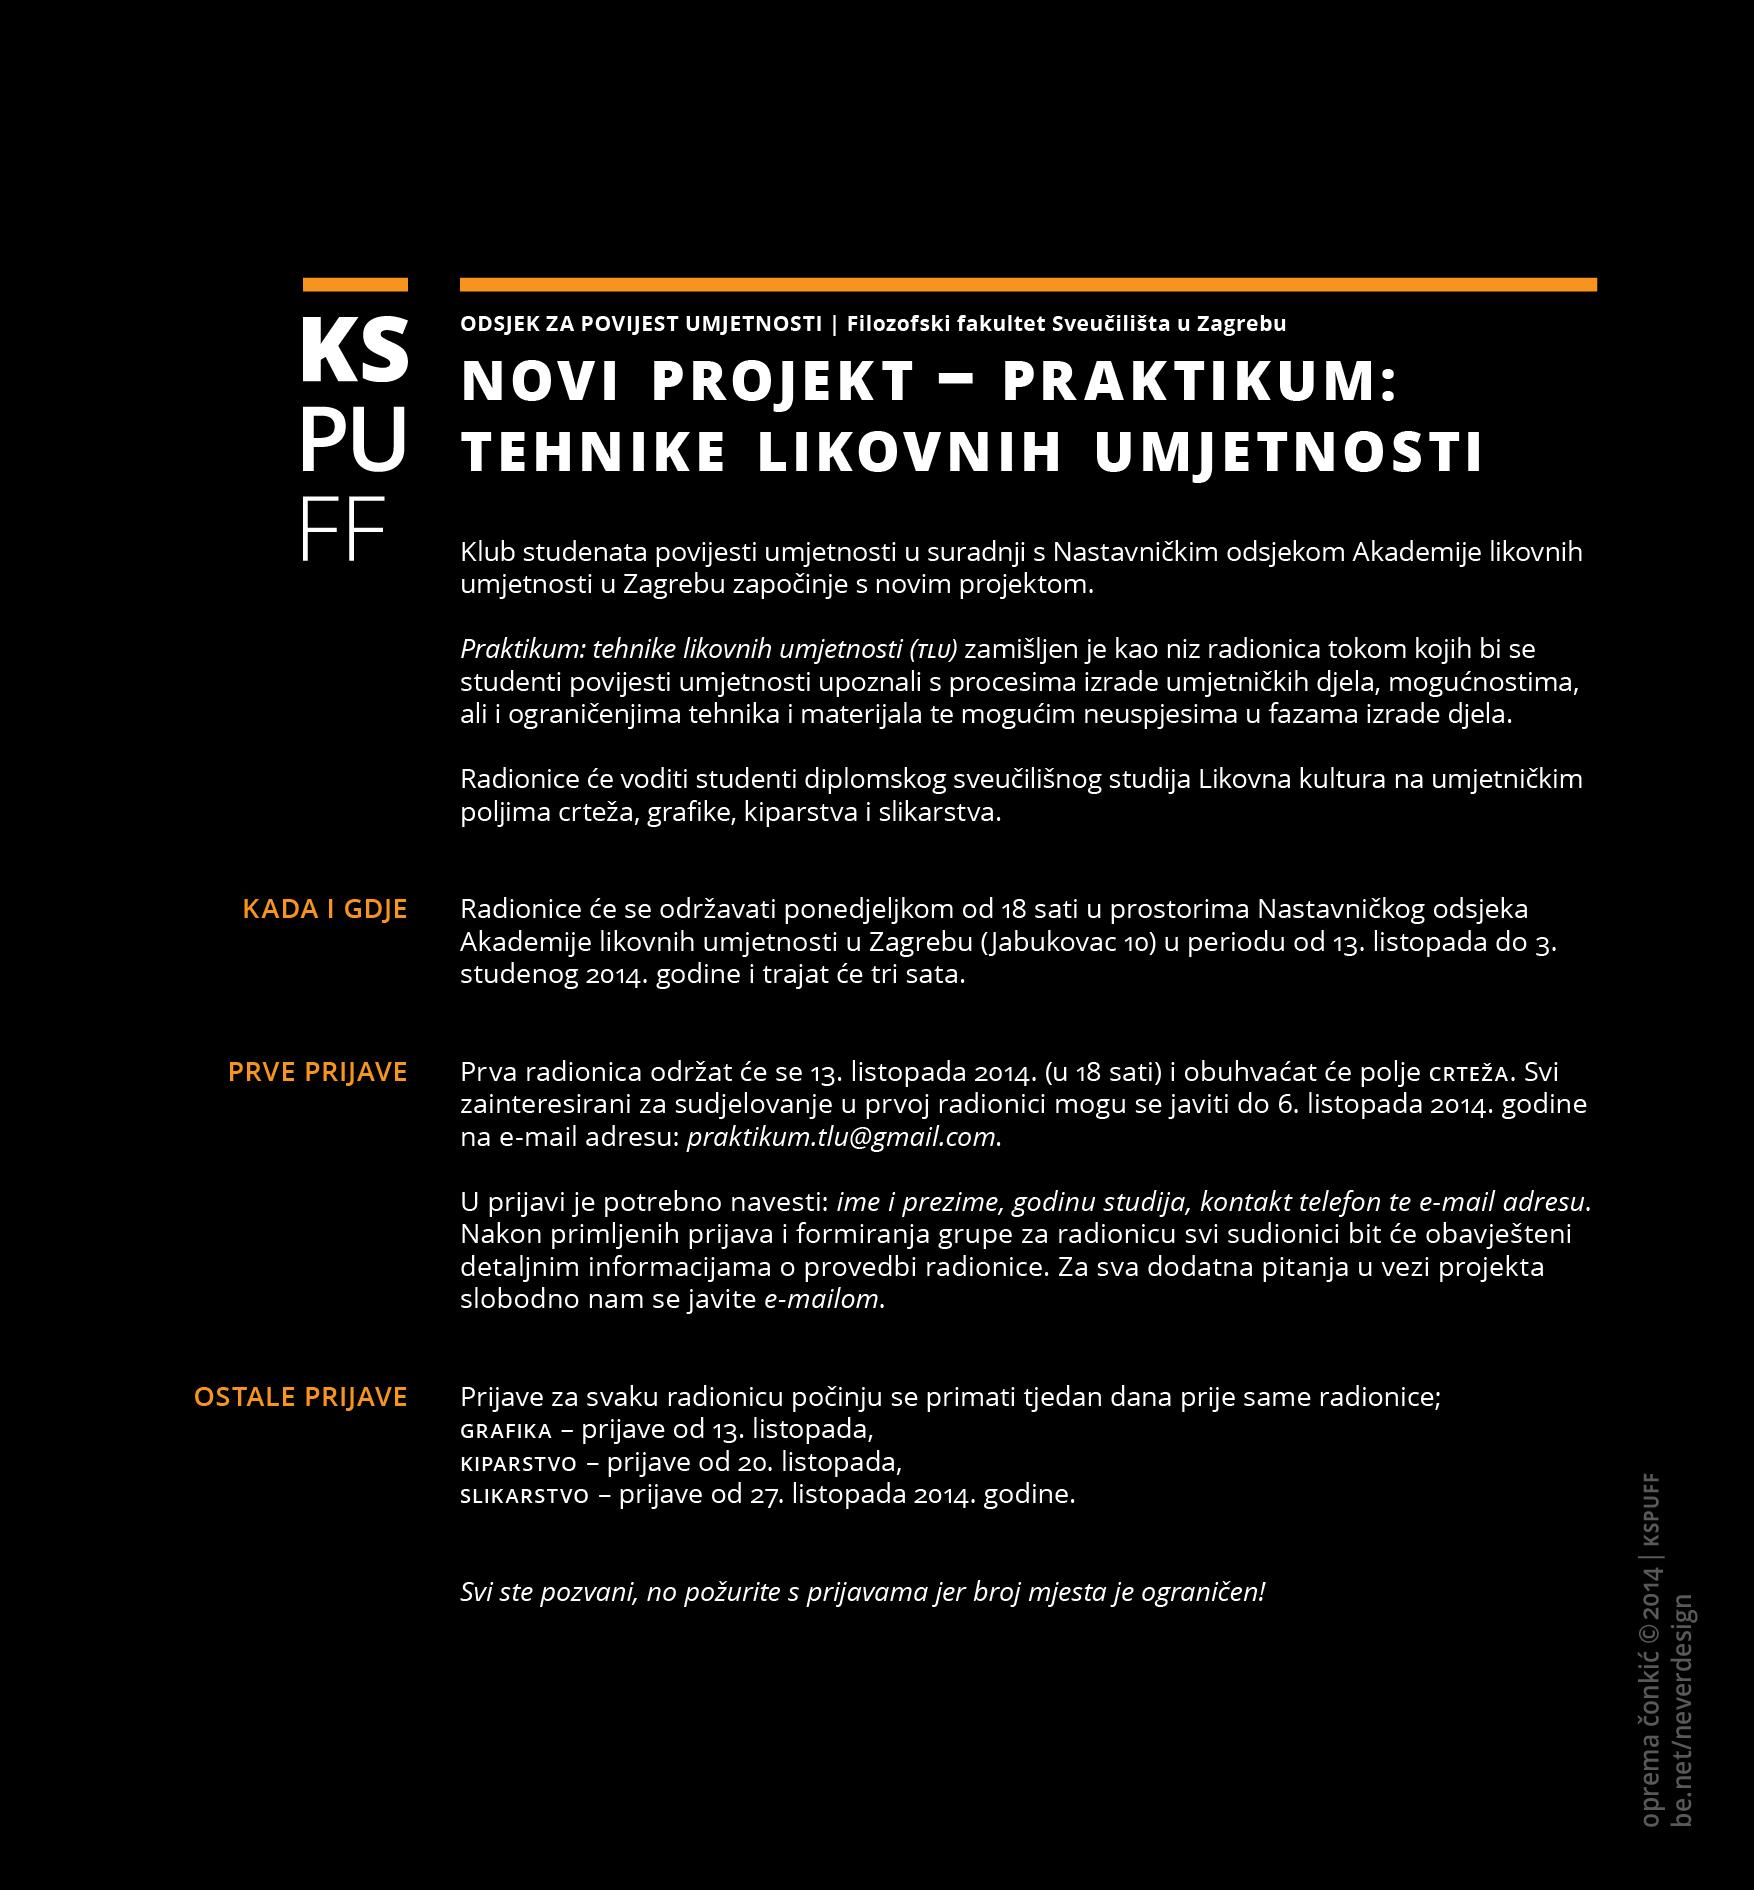 kspuff.fB.practicum.20140925.teo